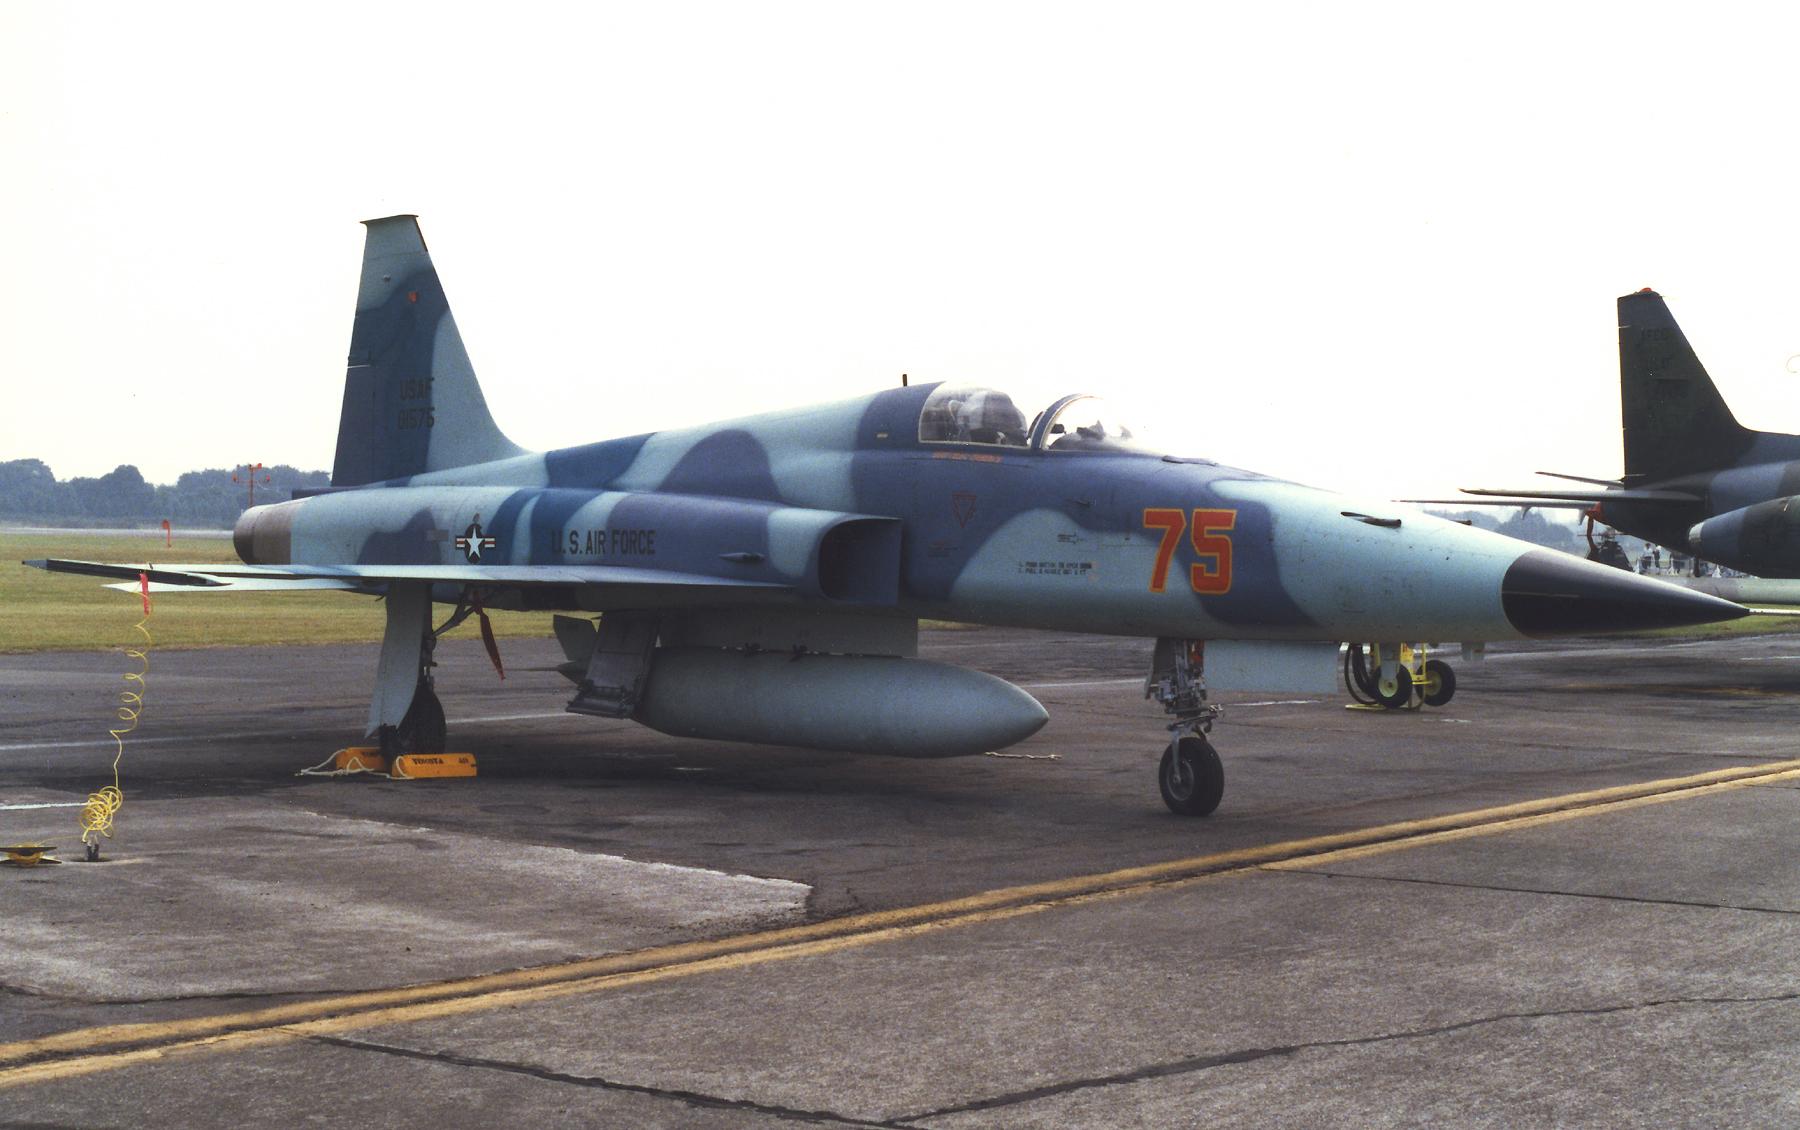 1985年横田基地オープンハウスでのF-5EタイガーII(74-01575)